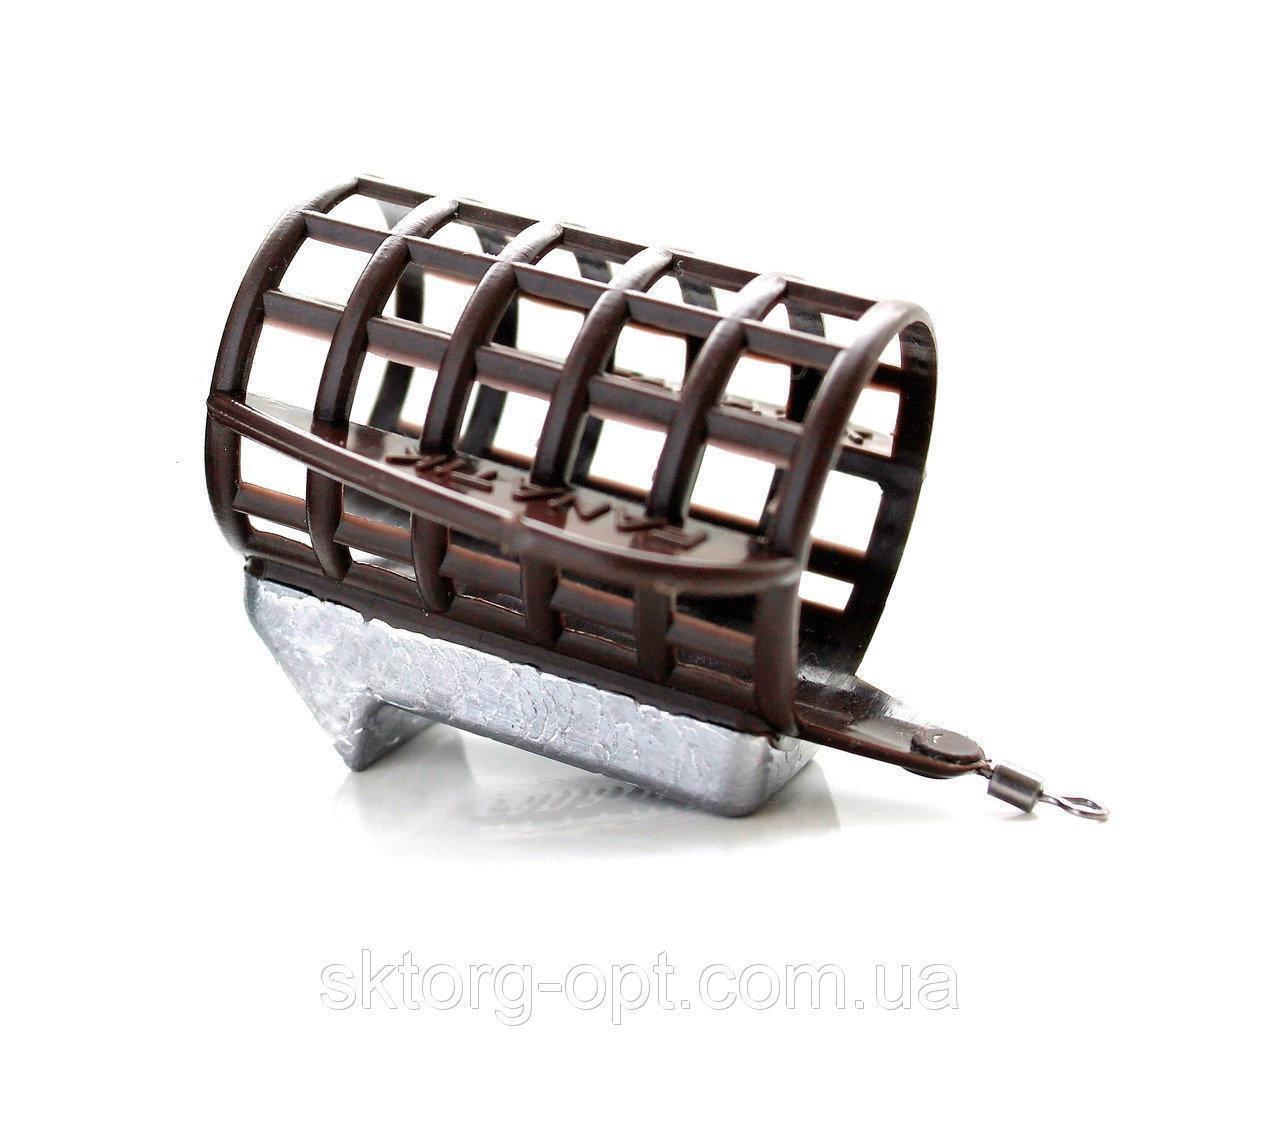 ГОДІВНИЦЯ фідерна Fanatik ХАПУГА, вага 60 гр